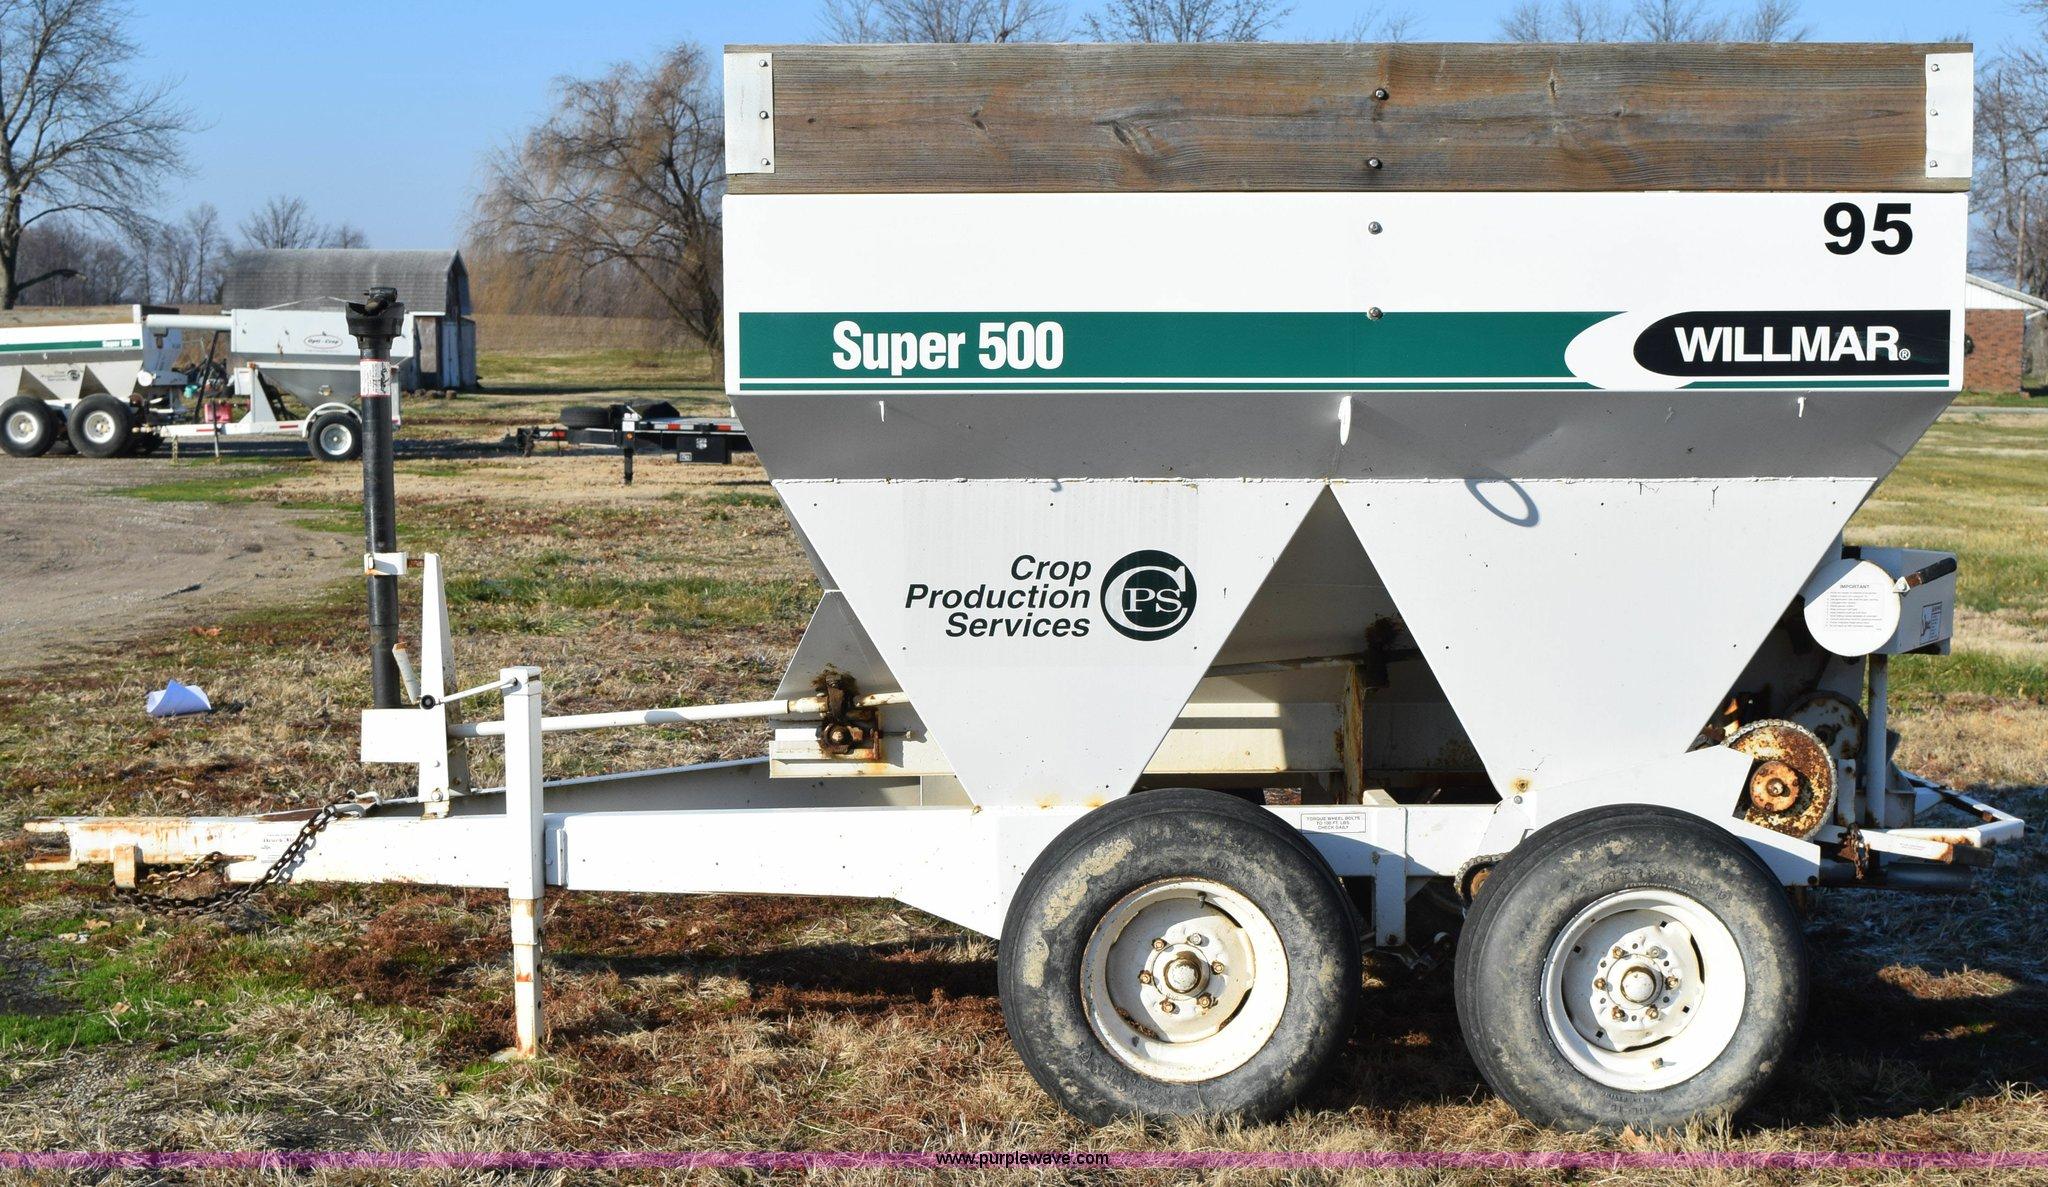 ... fertilizer spreader Full size in new window ...